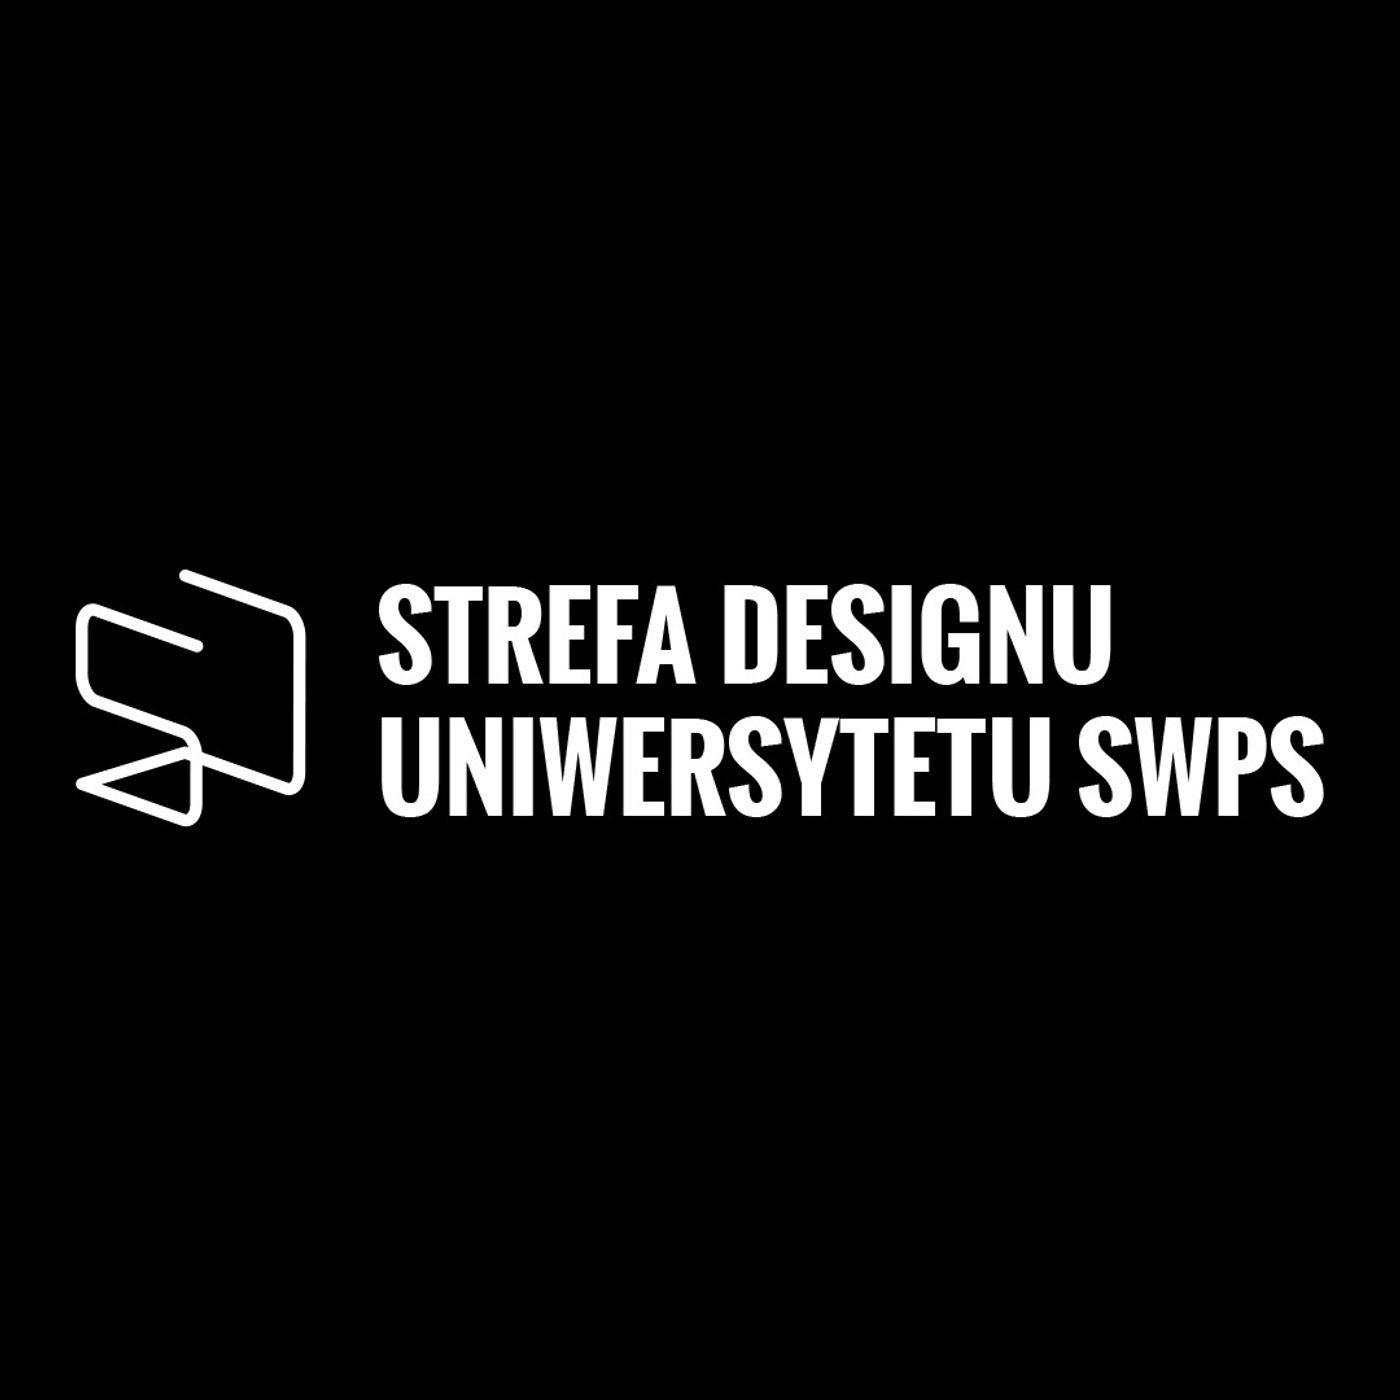 Projektowanie komunikacji marek etycznych i odpowiedzialnych społecznie - Sylwia Bodnar, Natalia Bienias (Zebza)